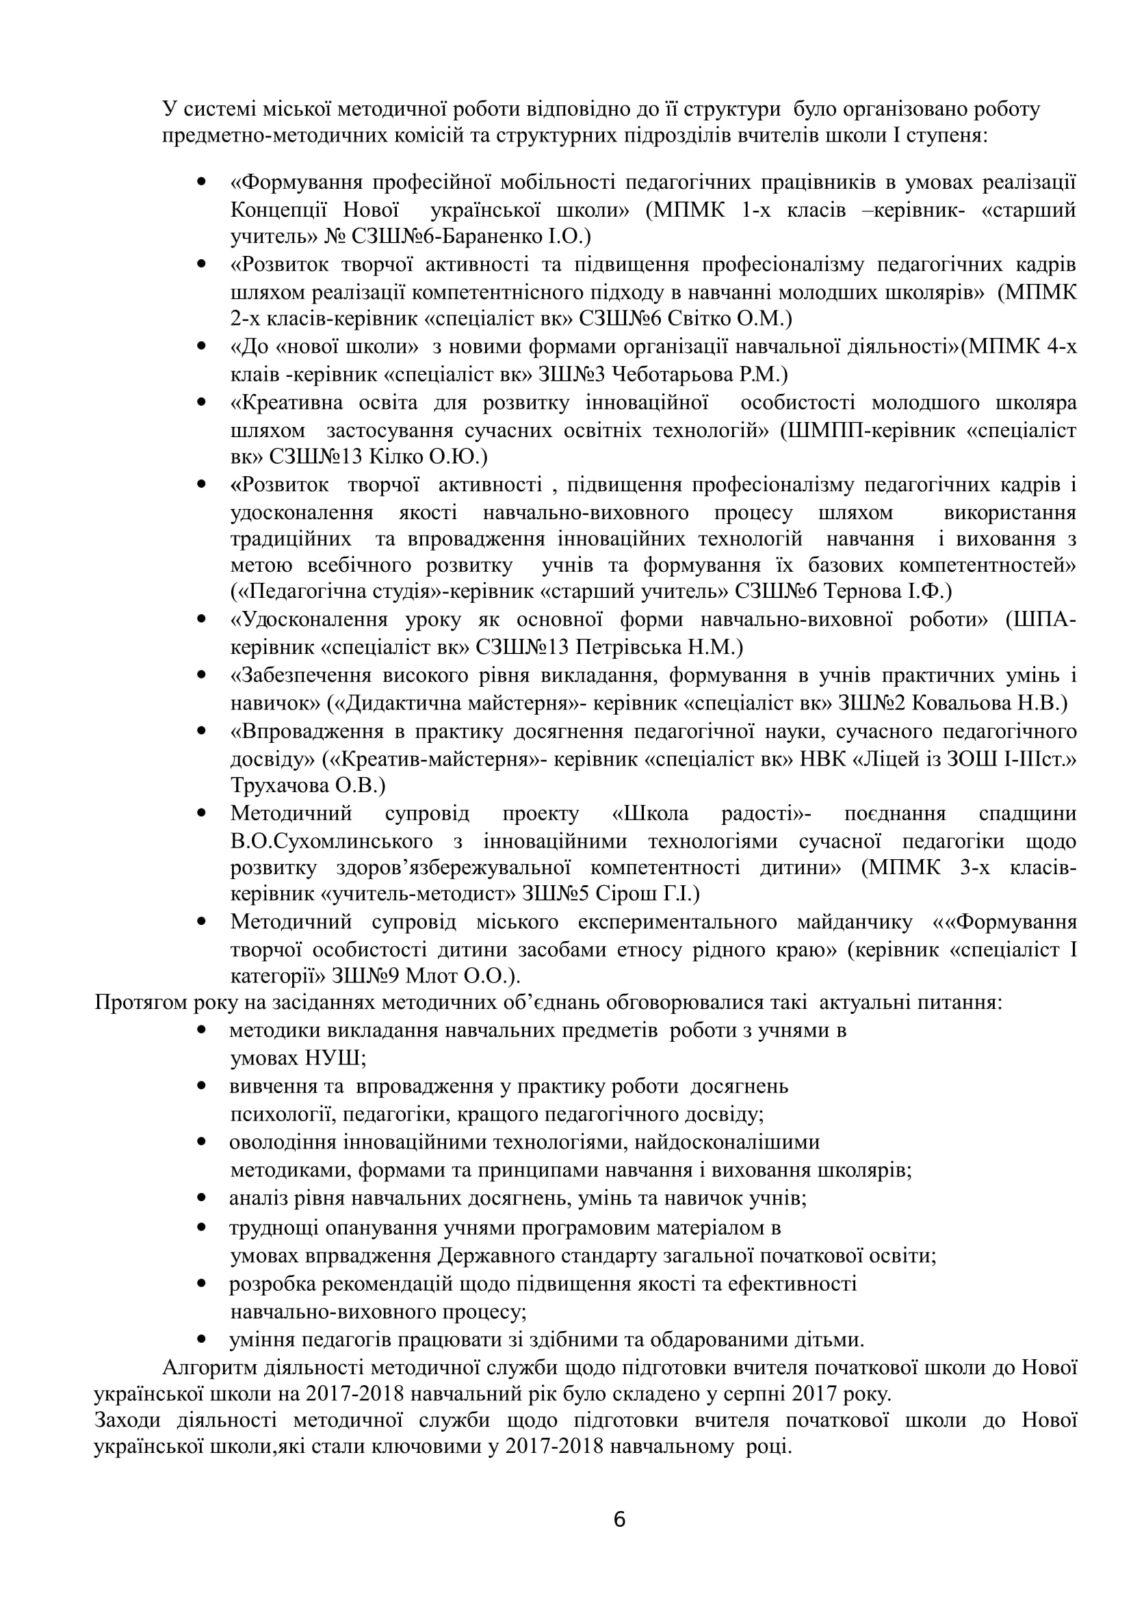 Костянтинівка 2018-2019 - ММК план роботи-07